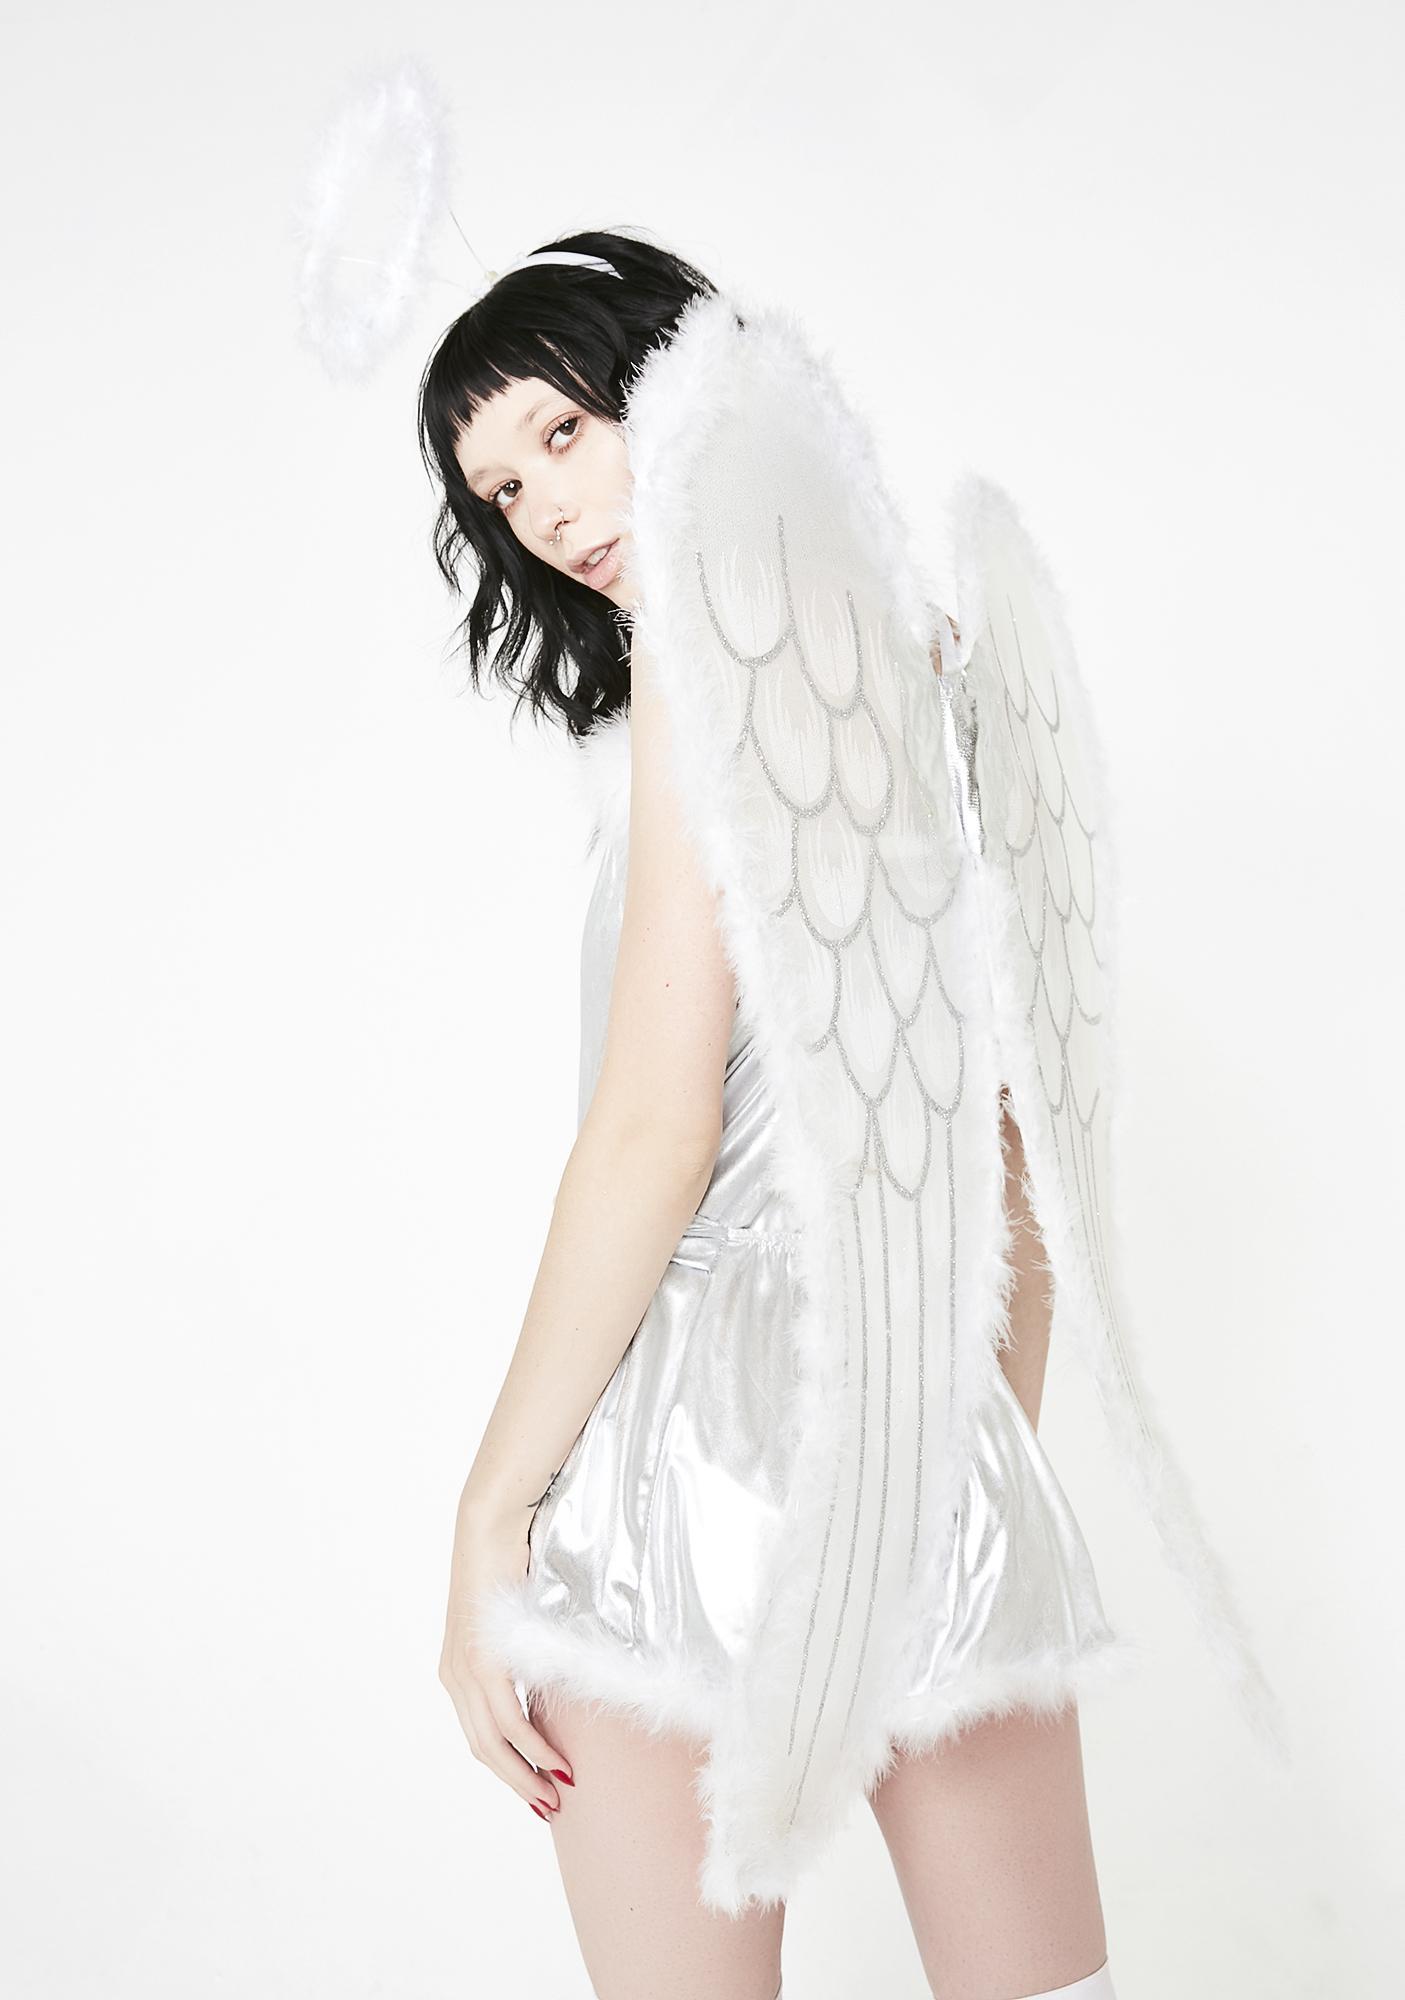 St. Savior Angel Costume Set